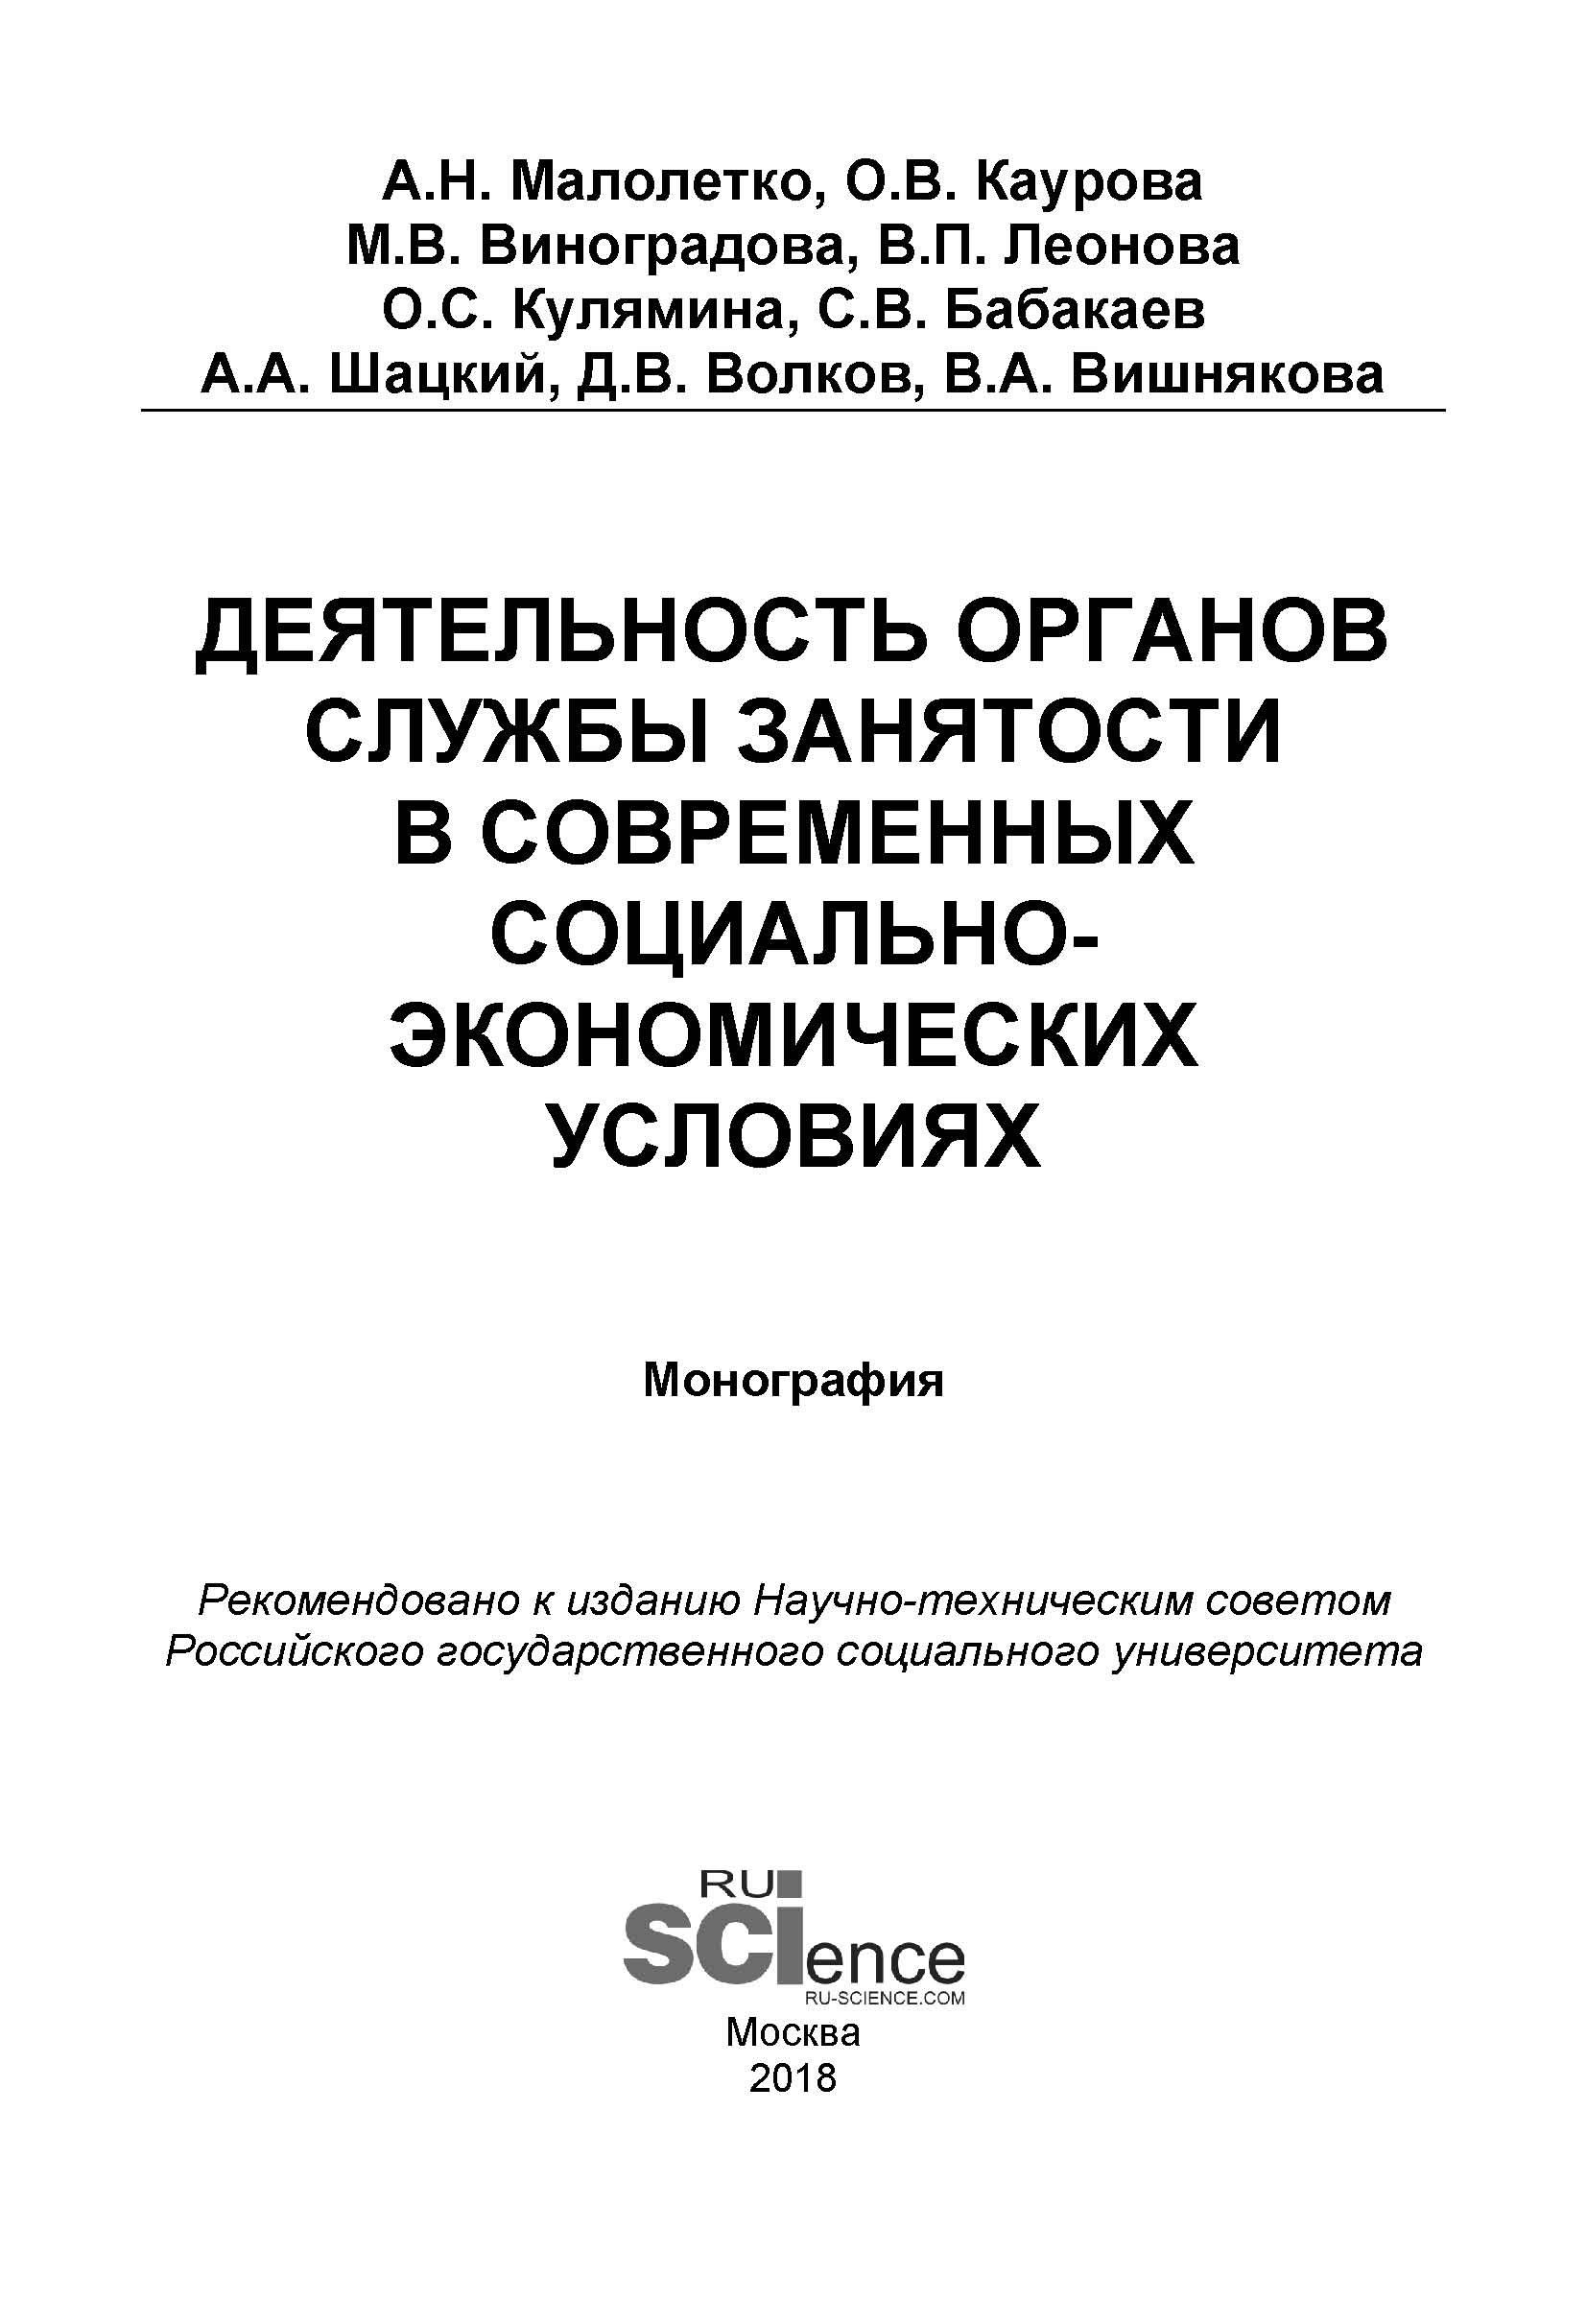 О. В. Каурова Деятельность органов службы занятости в современных социально-экономических условиях